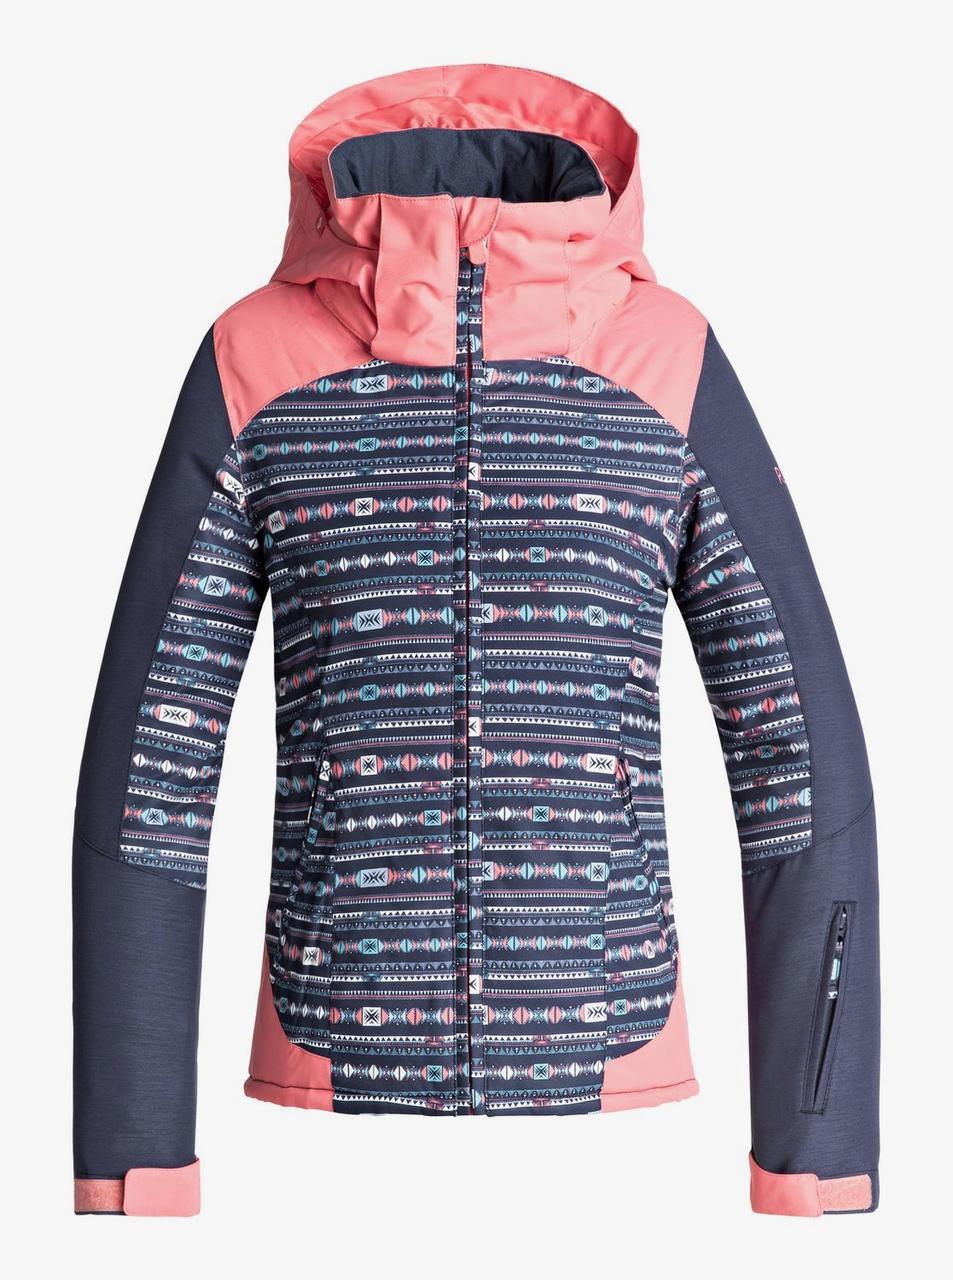 Гірськолижна куртка Roxy Little Sassy Girl для дівчаток 12 років 148-154см | Дитяча лижна \ сноубордична